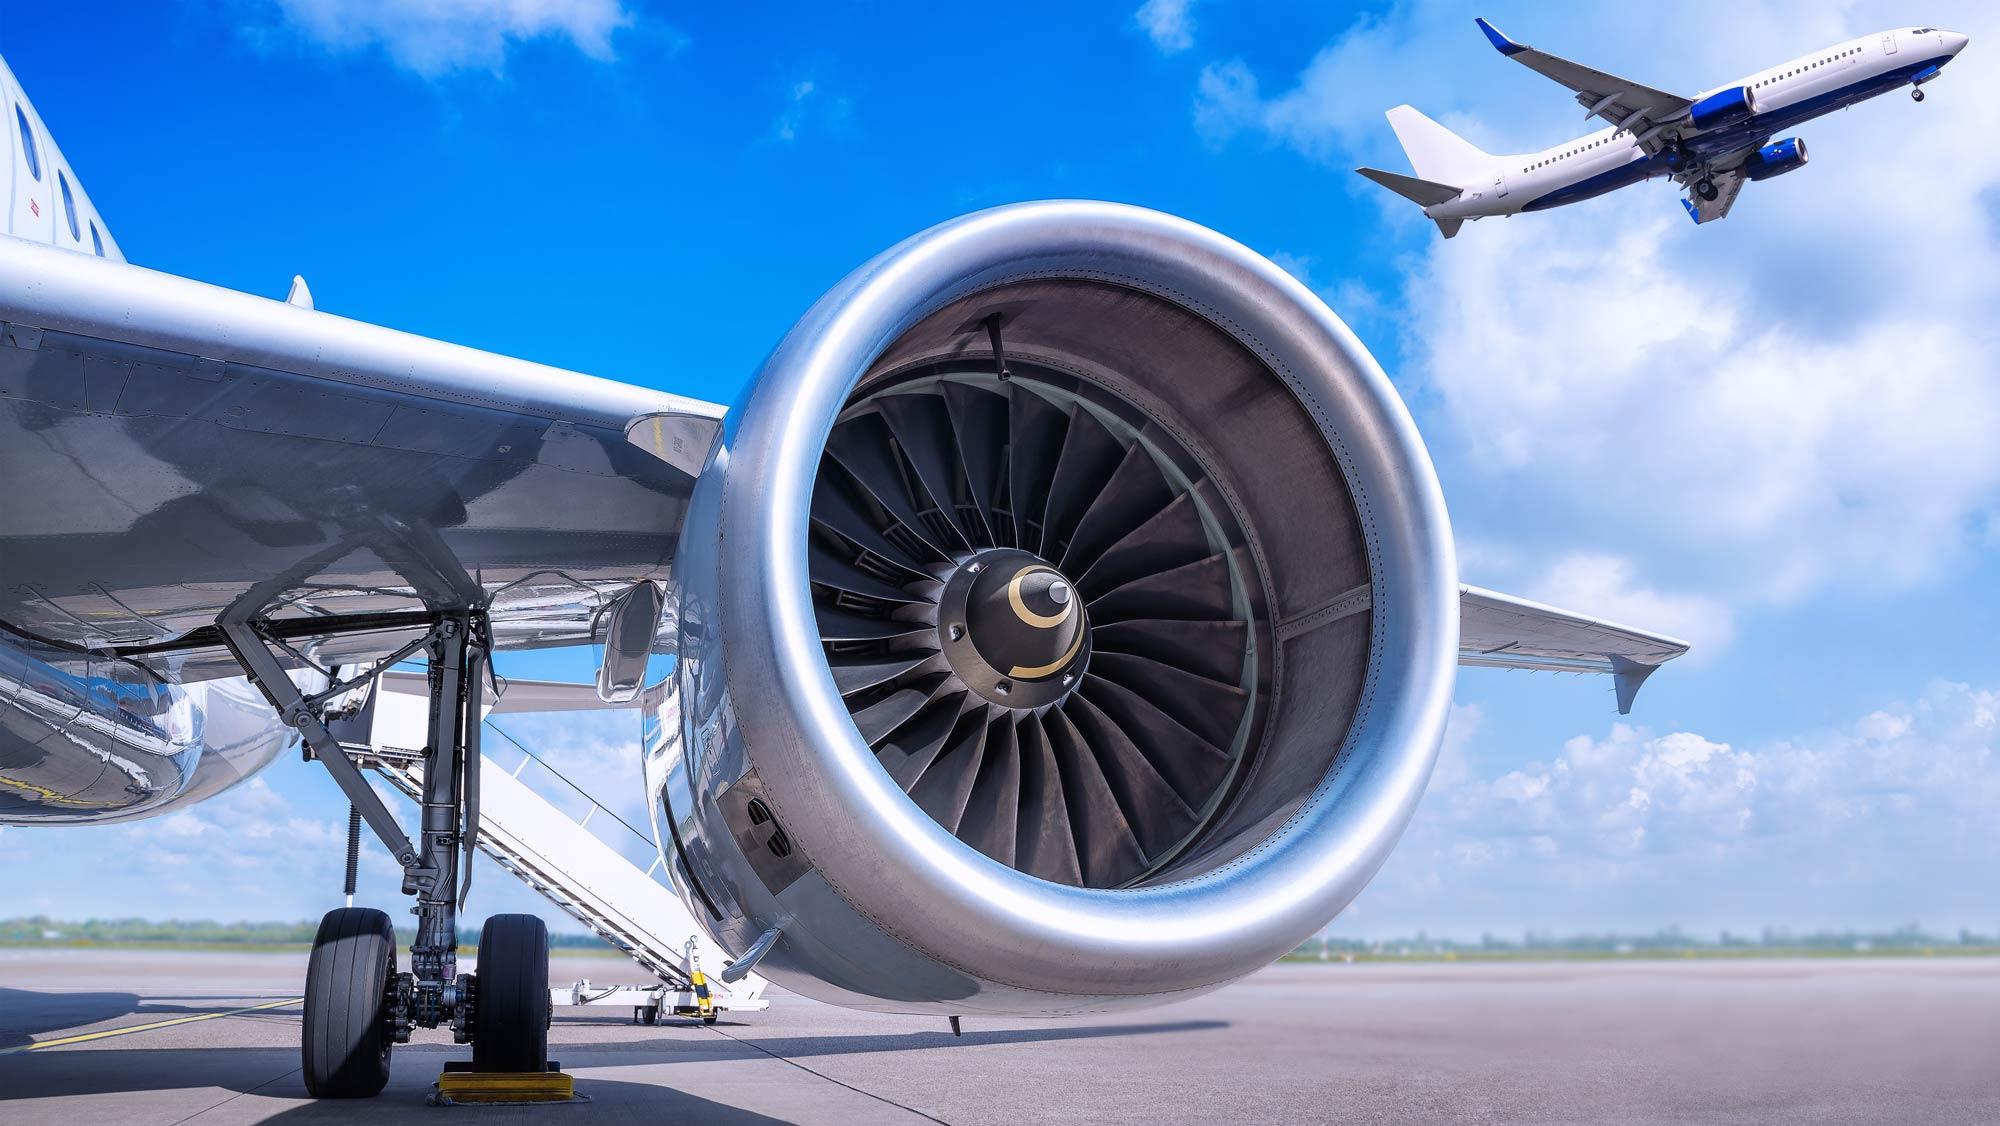 plane-engine-take-off-landing